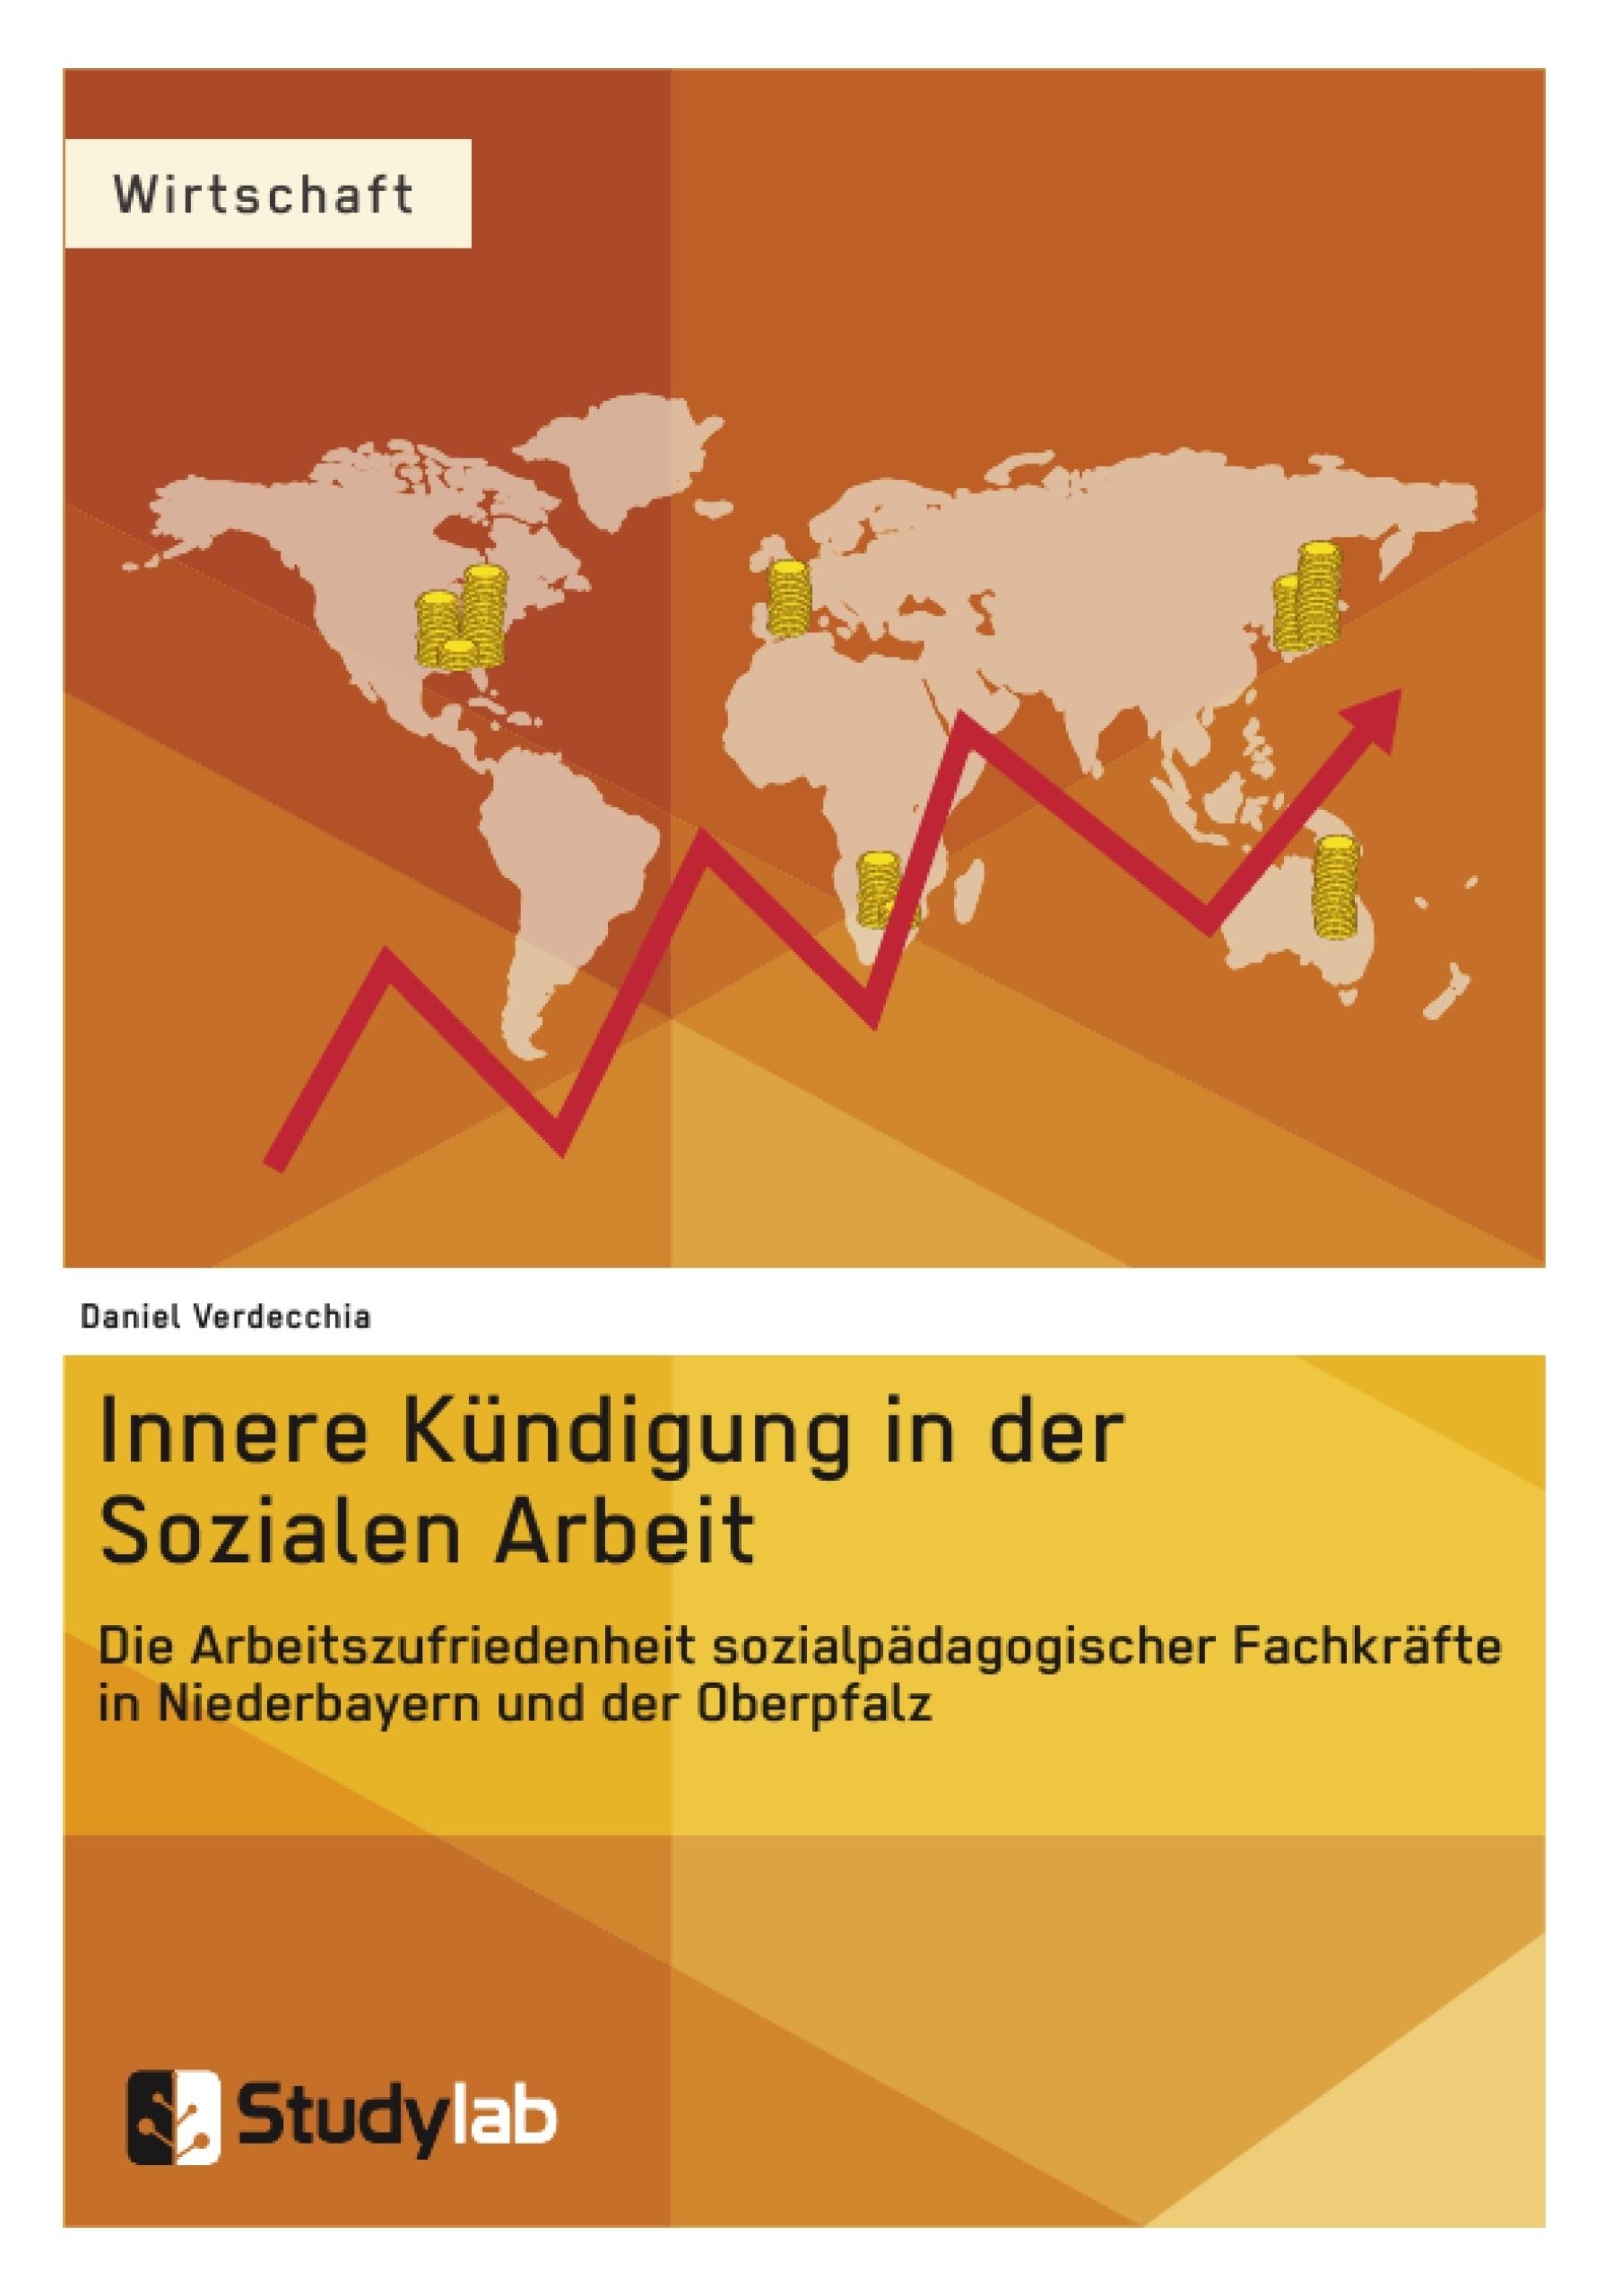 Titel: Innere Kündigung in der Sozialen Arbeit